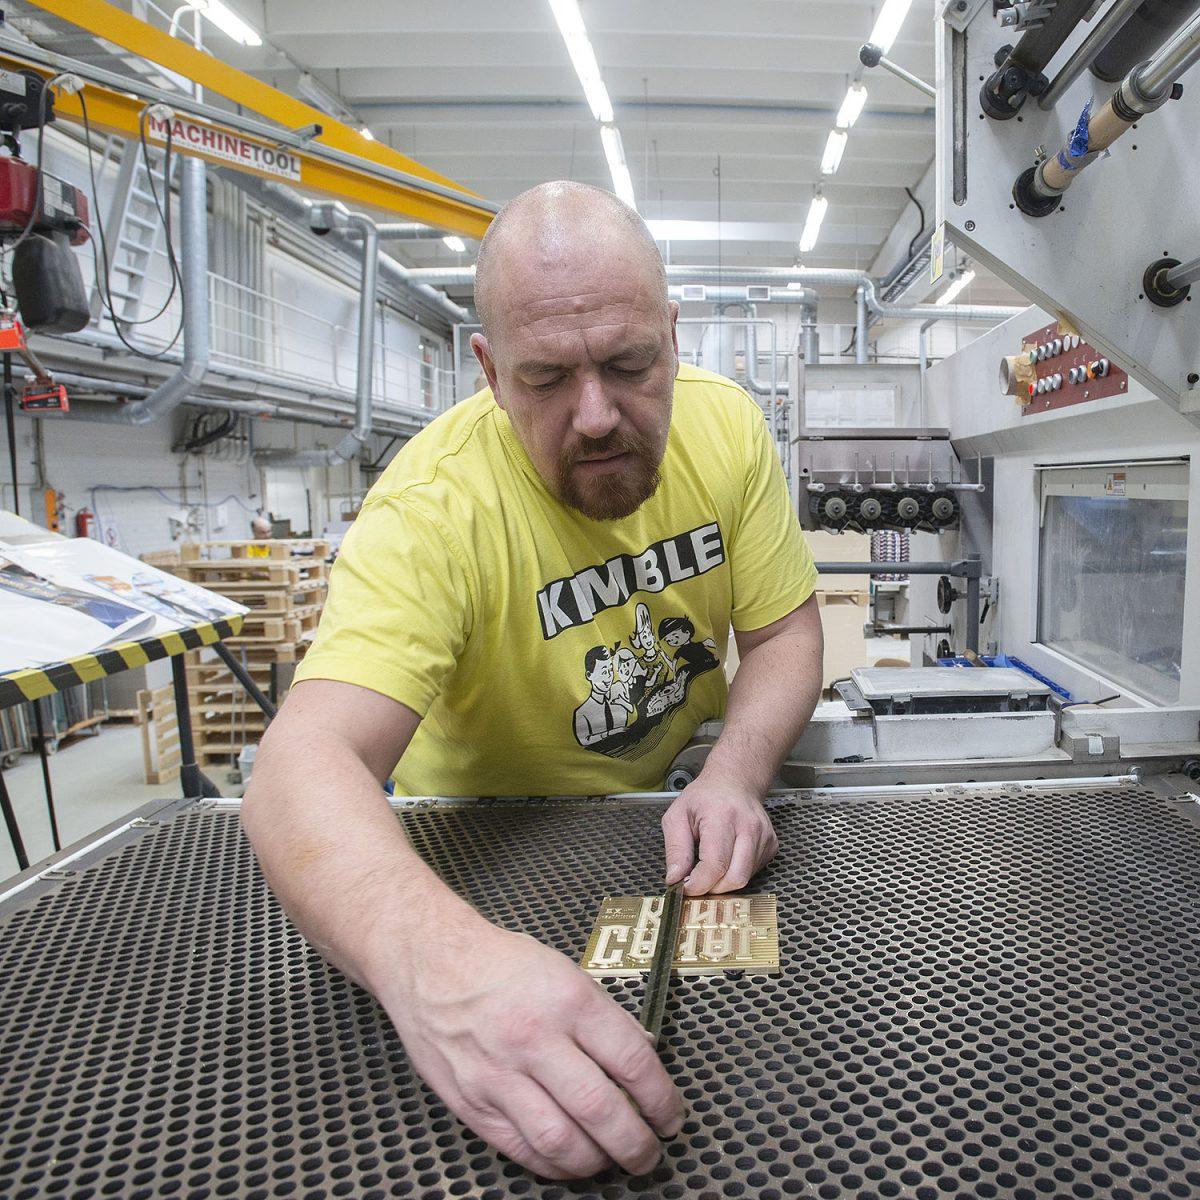 REPORTAASI: Kimblen kotipesässä: Porin Tactic Games on pohjoismaiden ainoa iso lautapelivalmistaja – vienti vetää ja töitä piisaa